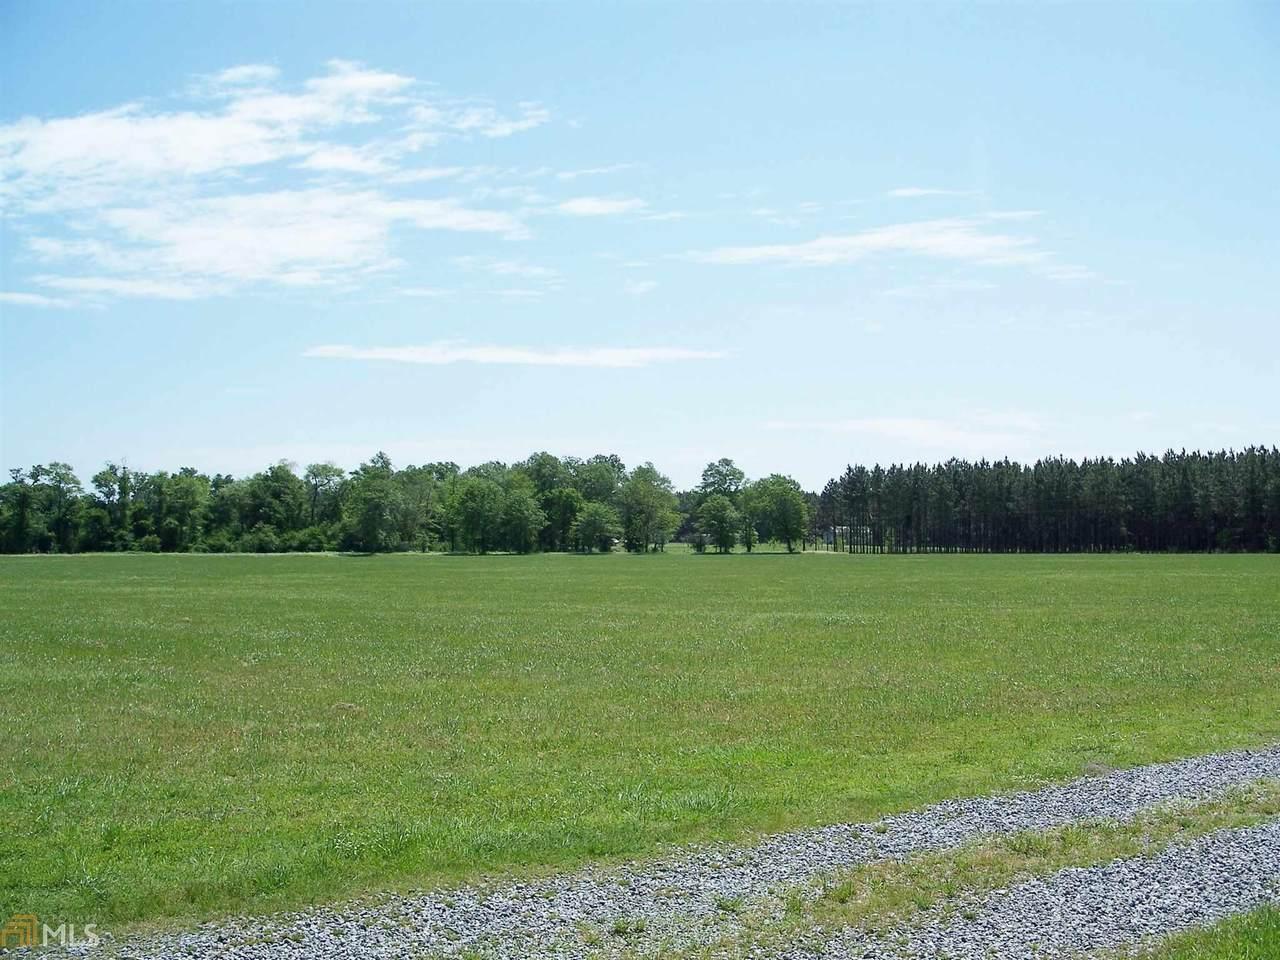 975 Ga Highway 27 - Photo 1